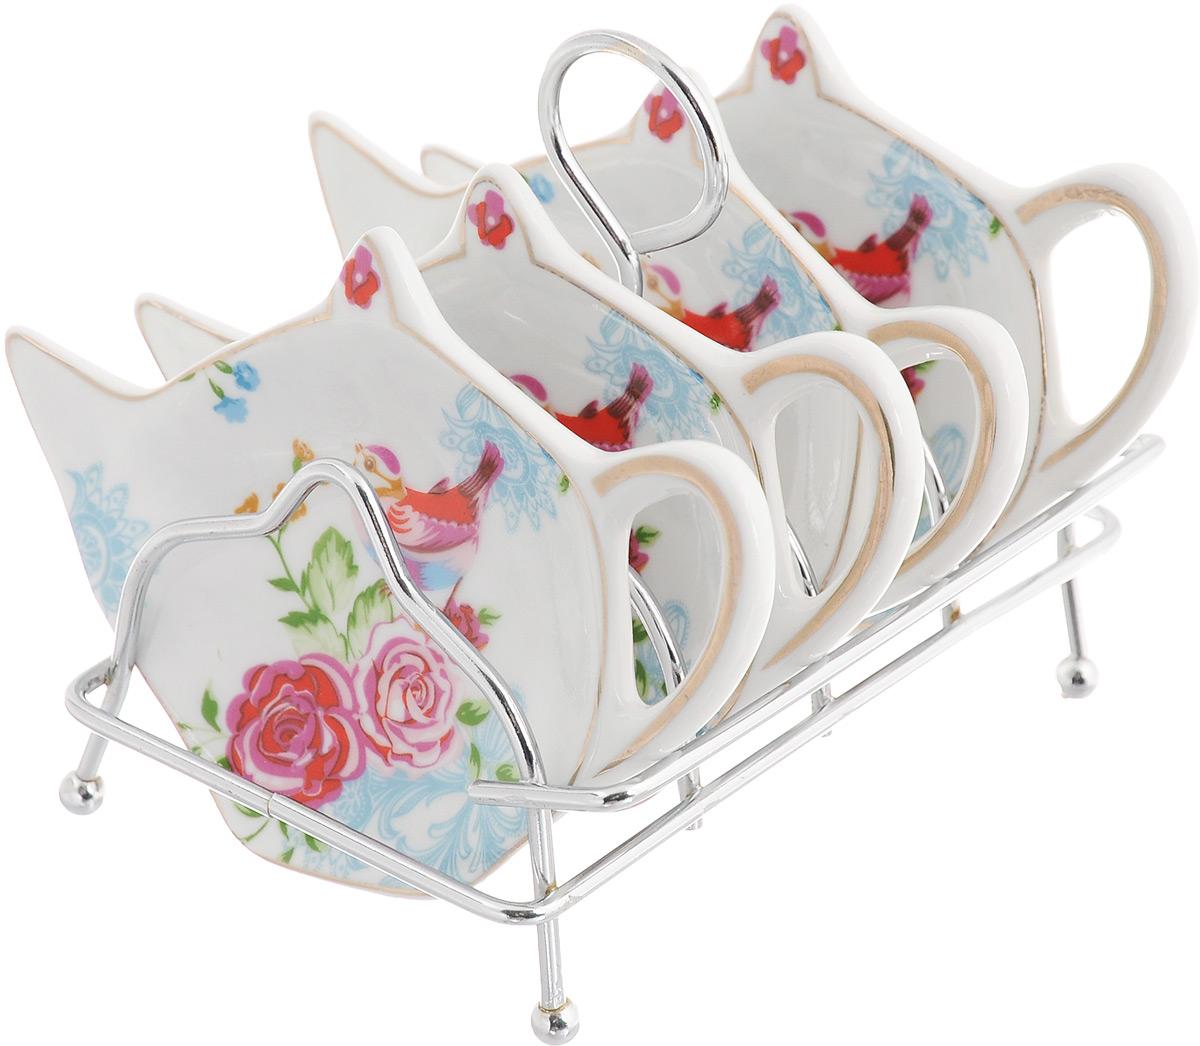 Набор подставок для чайных пакетиков Patricia Райская птичка, 5 предметовIM56-0312Набор подставок Patricia Райская птичка, изготовленный из высококачественного фарфора, порадует вас оригинальностью и дизайном. Подставки выполнены в форме чайничка и оформлены ярким рисунком. В комплект входит металлическая подставка. Можно мыть в посудомоечной машине и использовать в микроволновой печи. Размер подставки для чайных пакетиков: 11,5 х 8 см. Размер металлической подставки: 12 х 9 х 10 см.